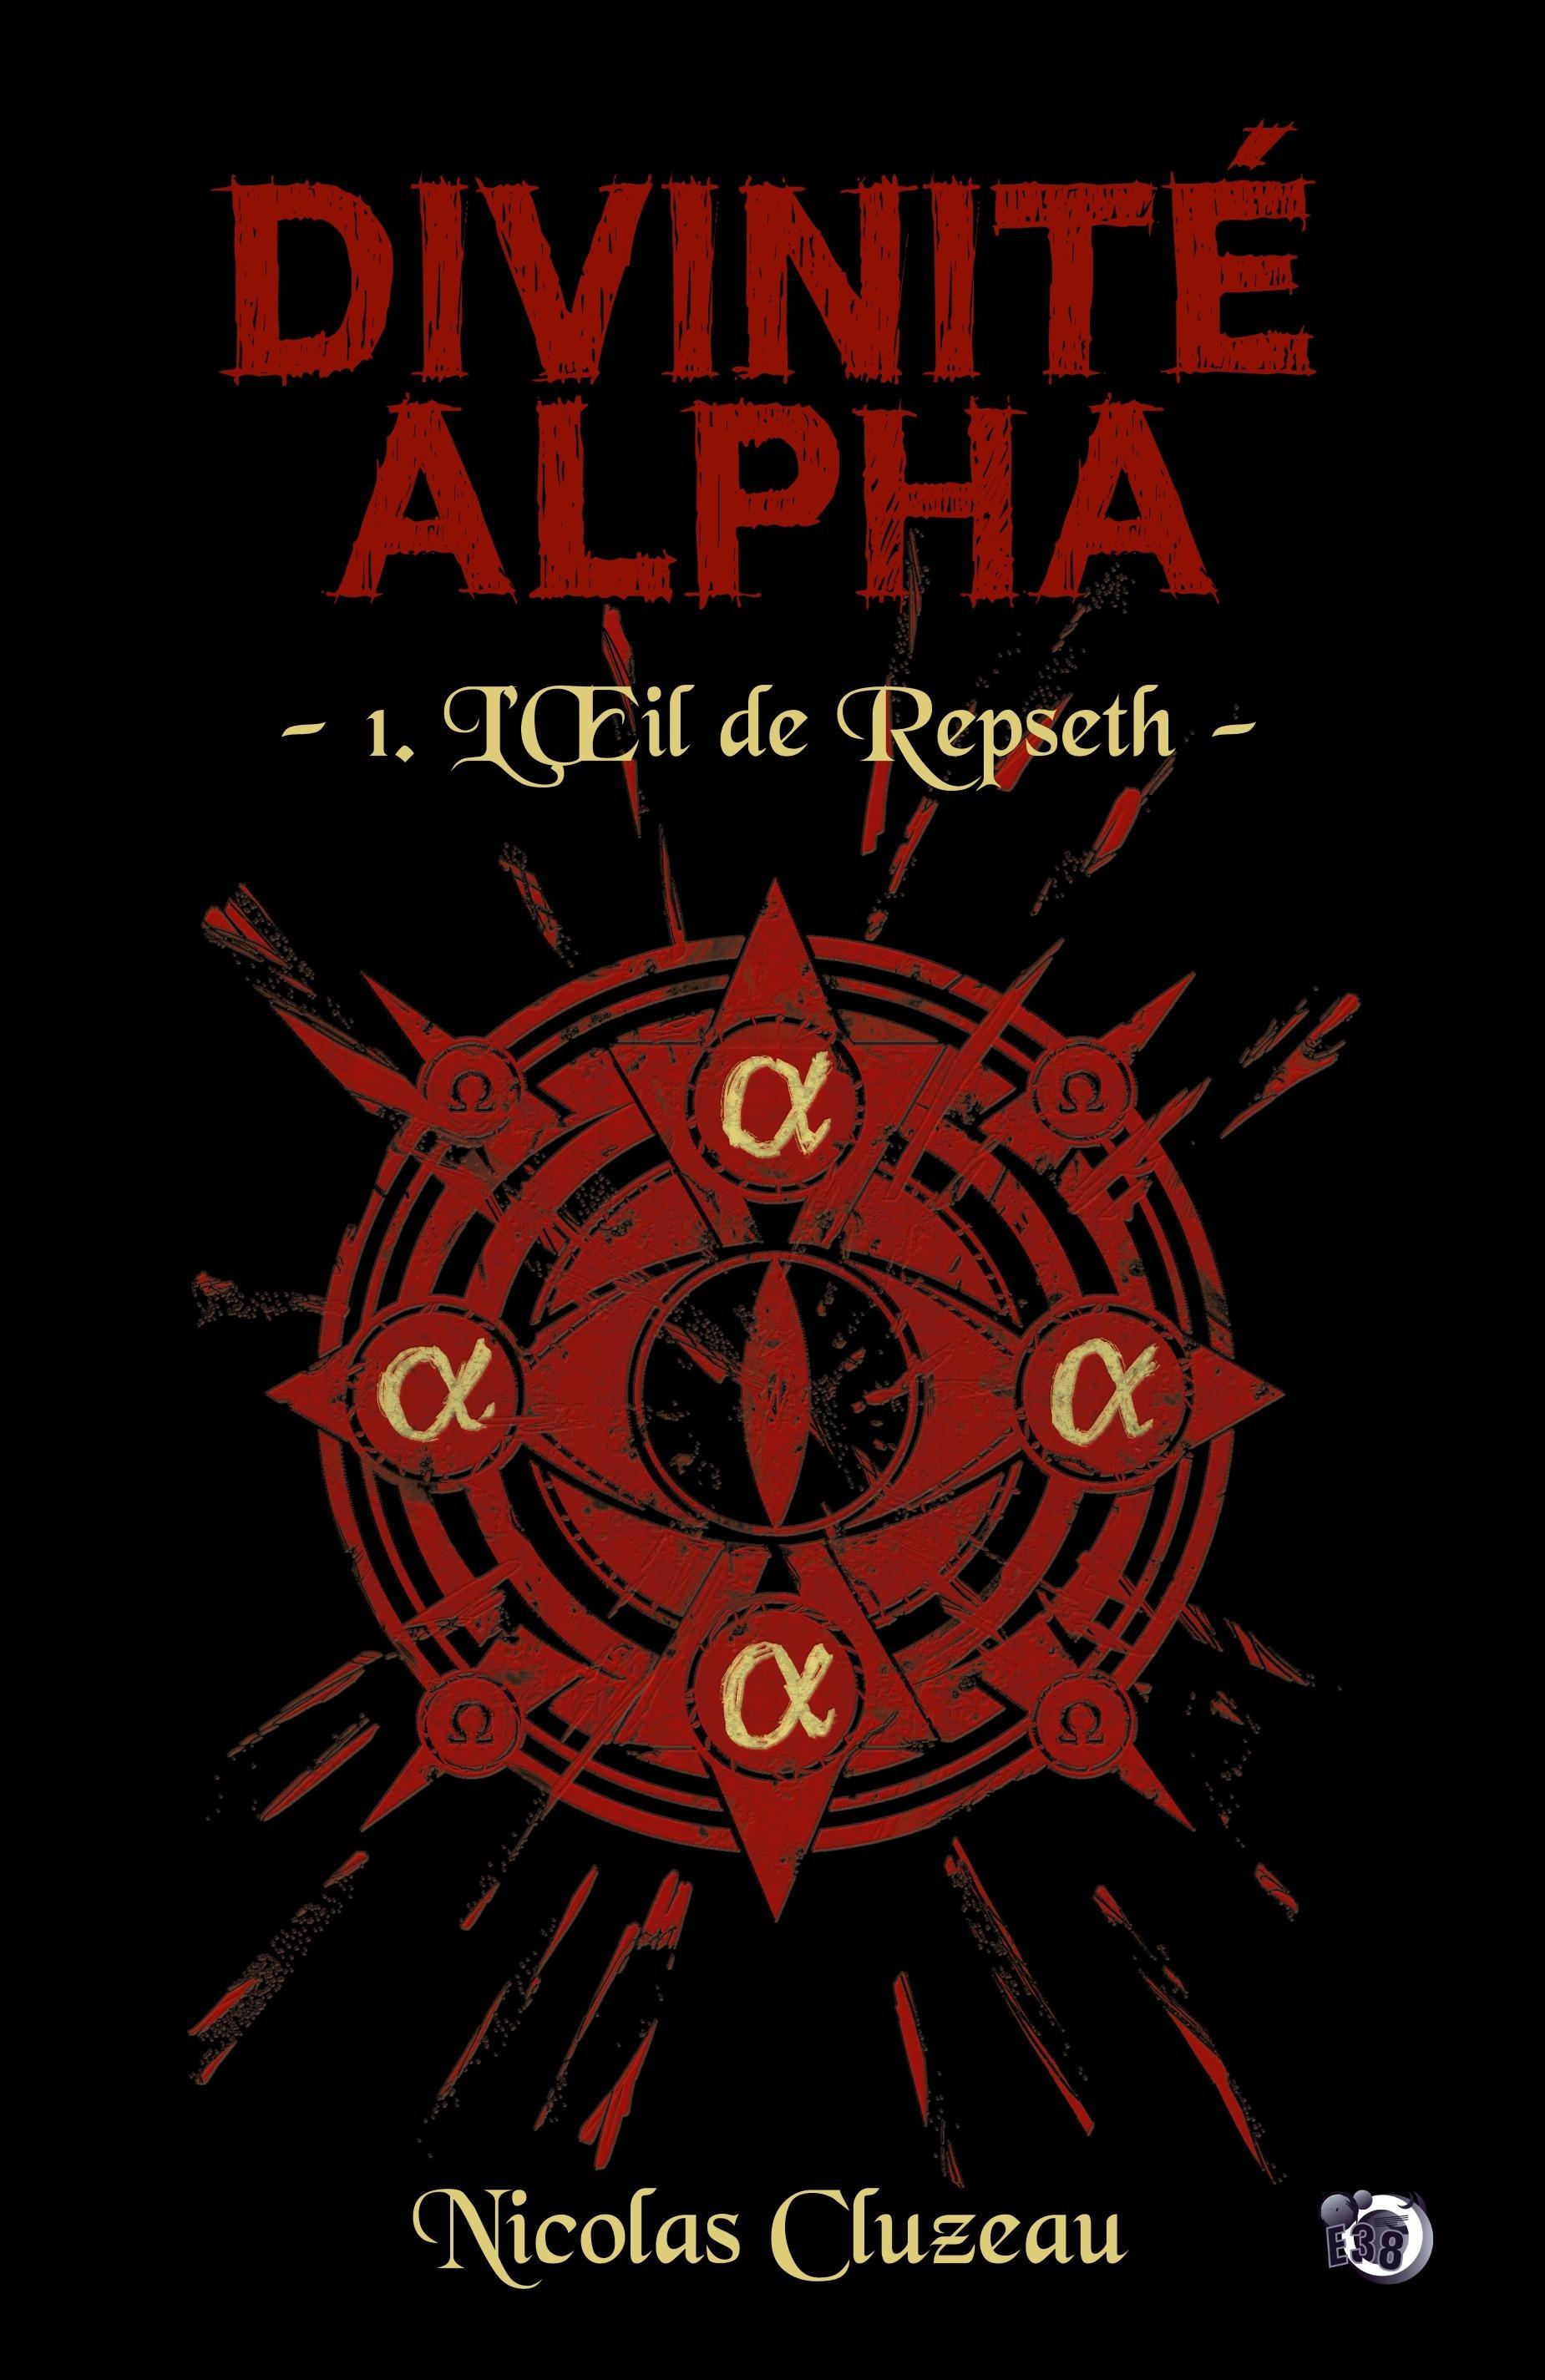 L'oeil de repseth - divinite alpha tome 1